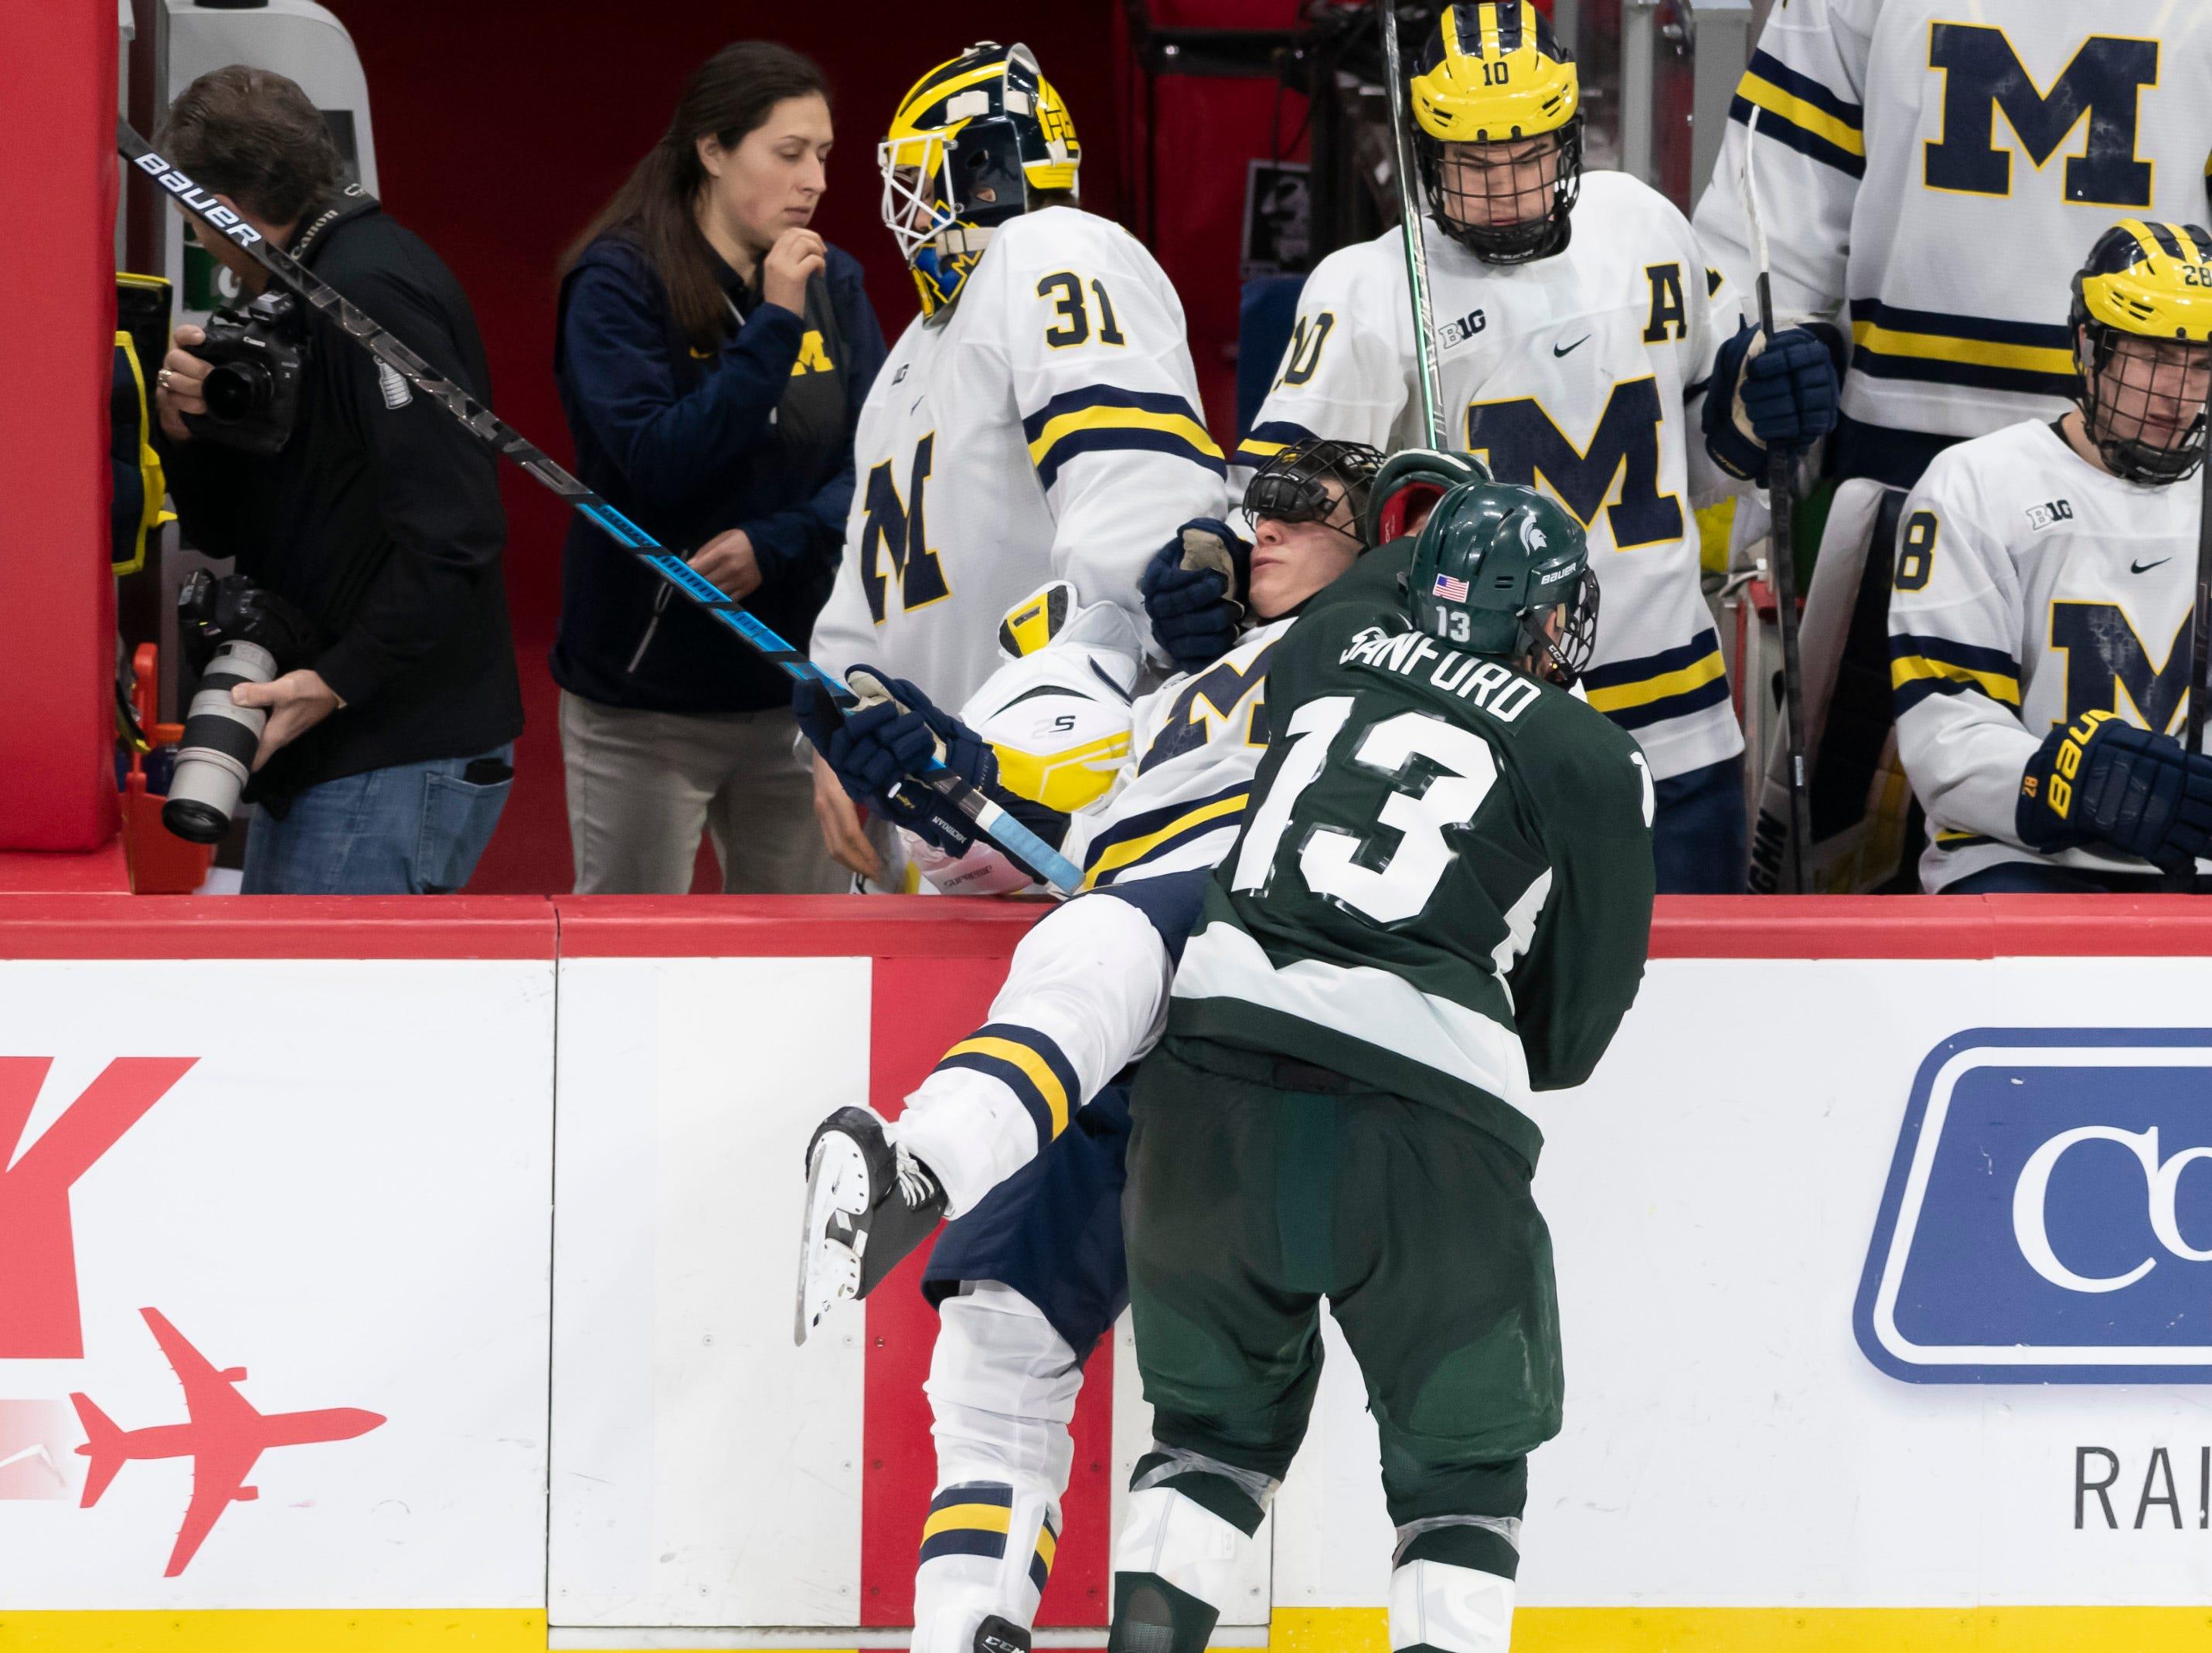 Michigan State forward Brennan Sanford checks Michigan defenseman Joseph Cecconi into the boards in the third period.